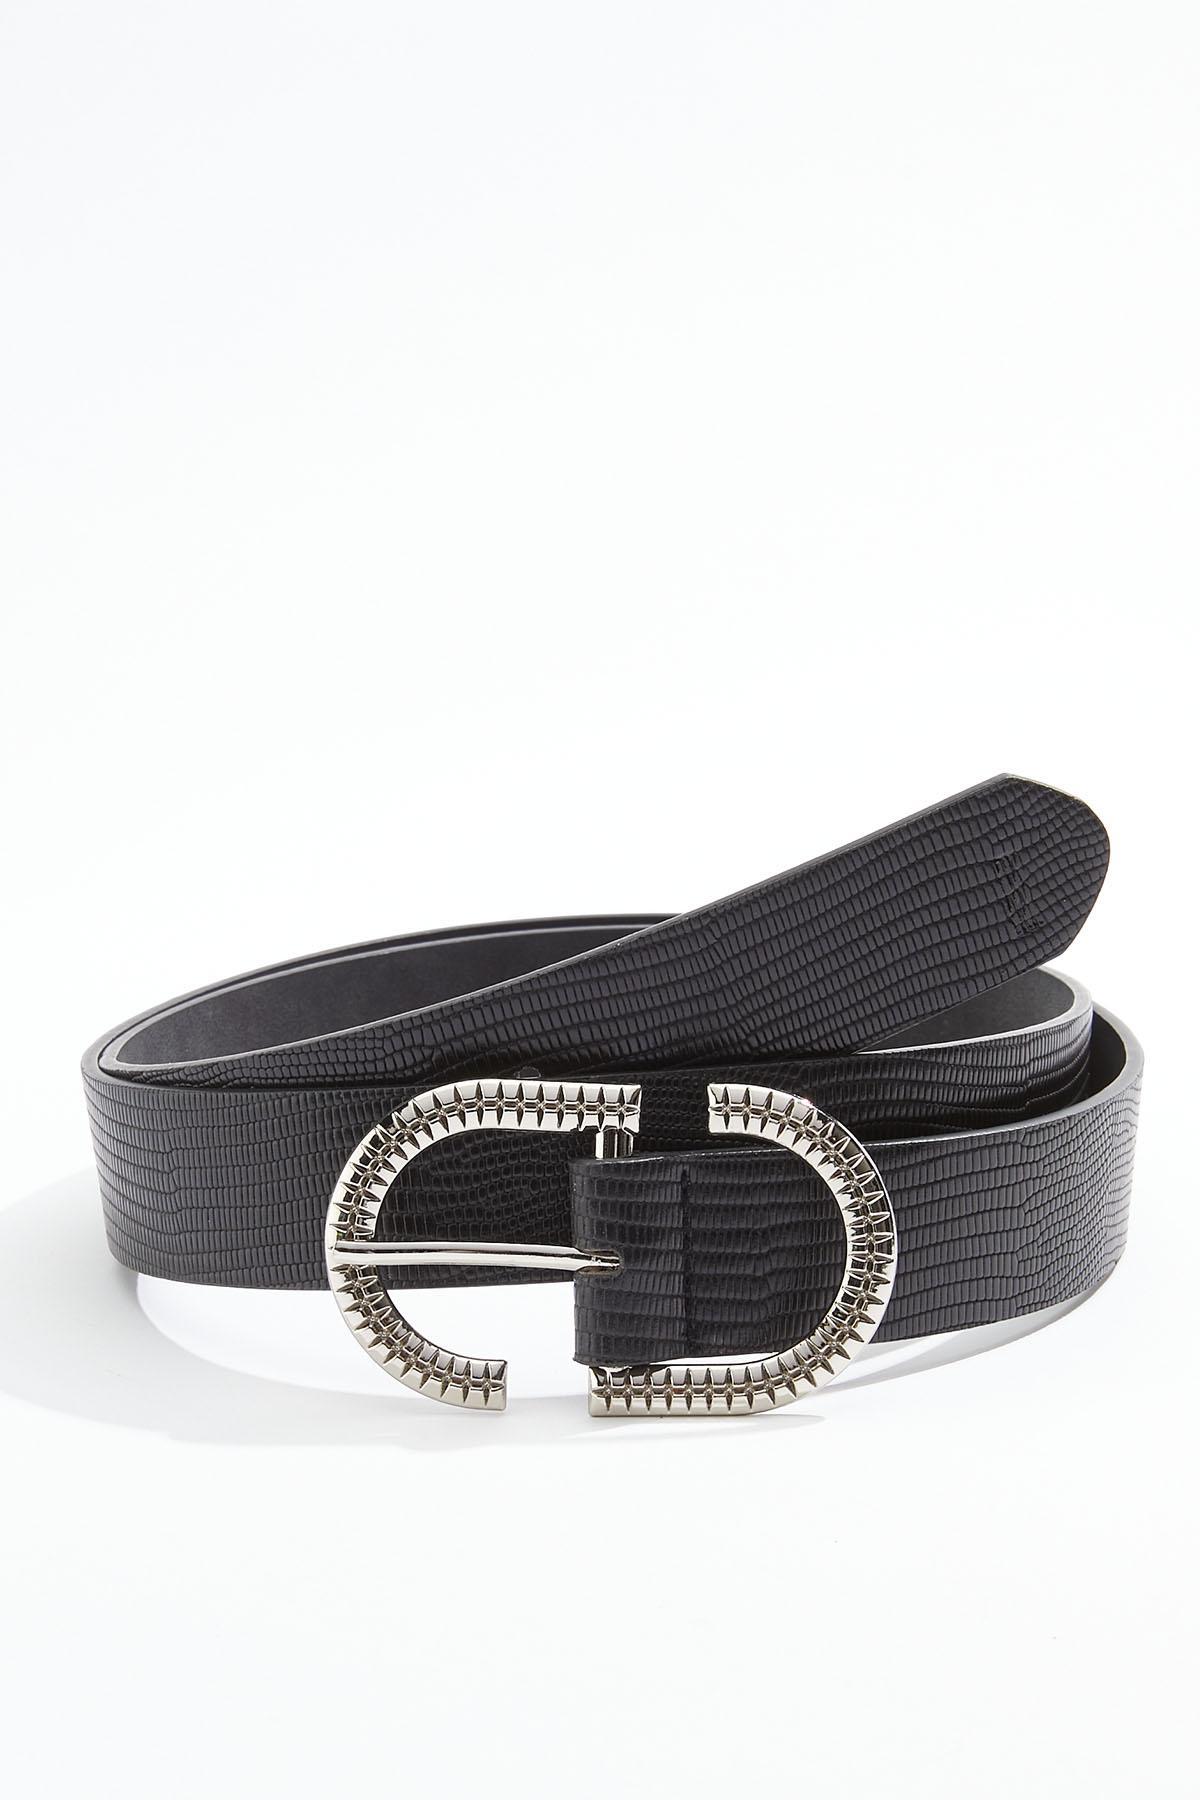 Plus Size Black Lizard Buckle Belt